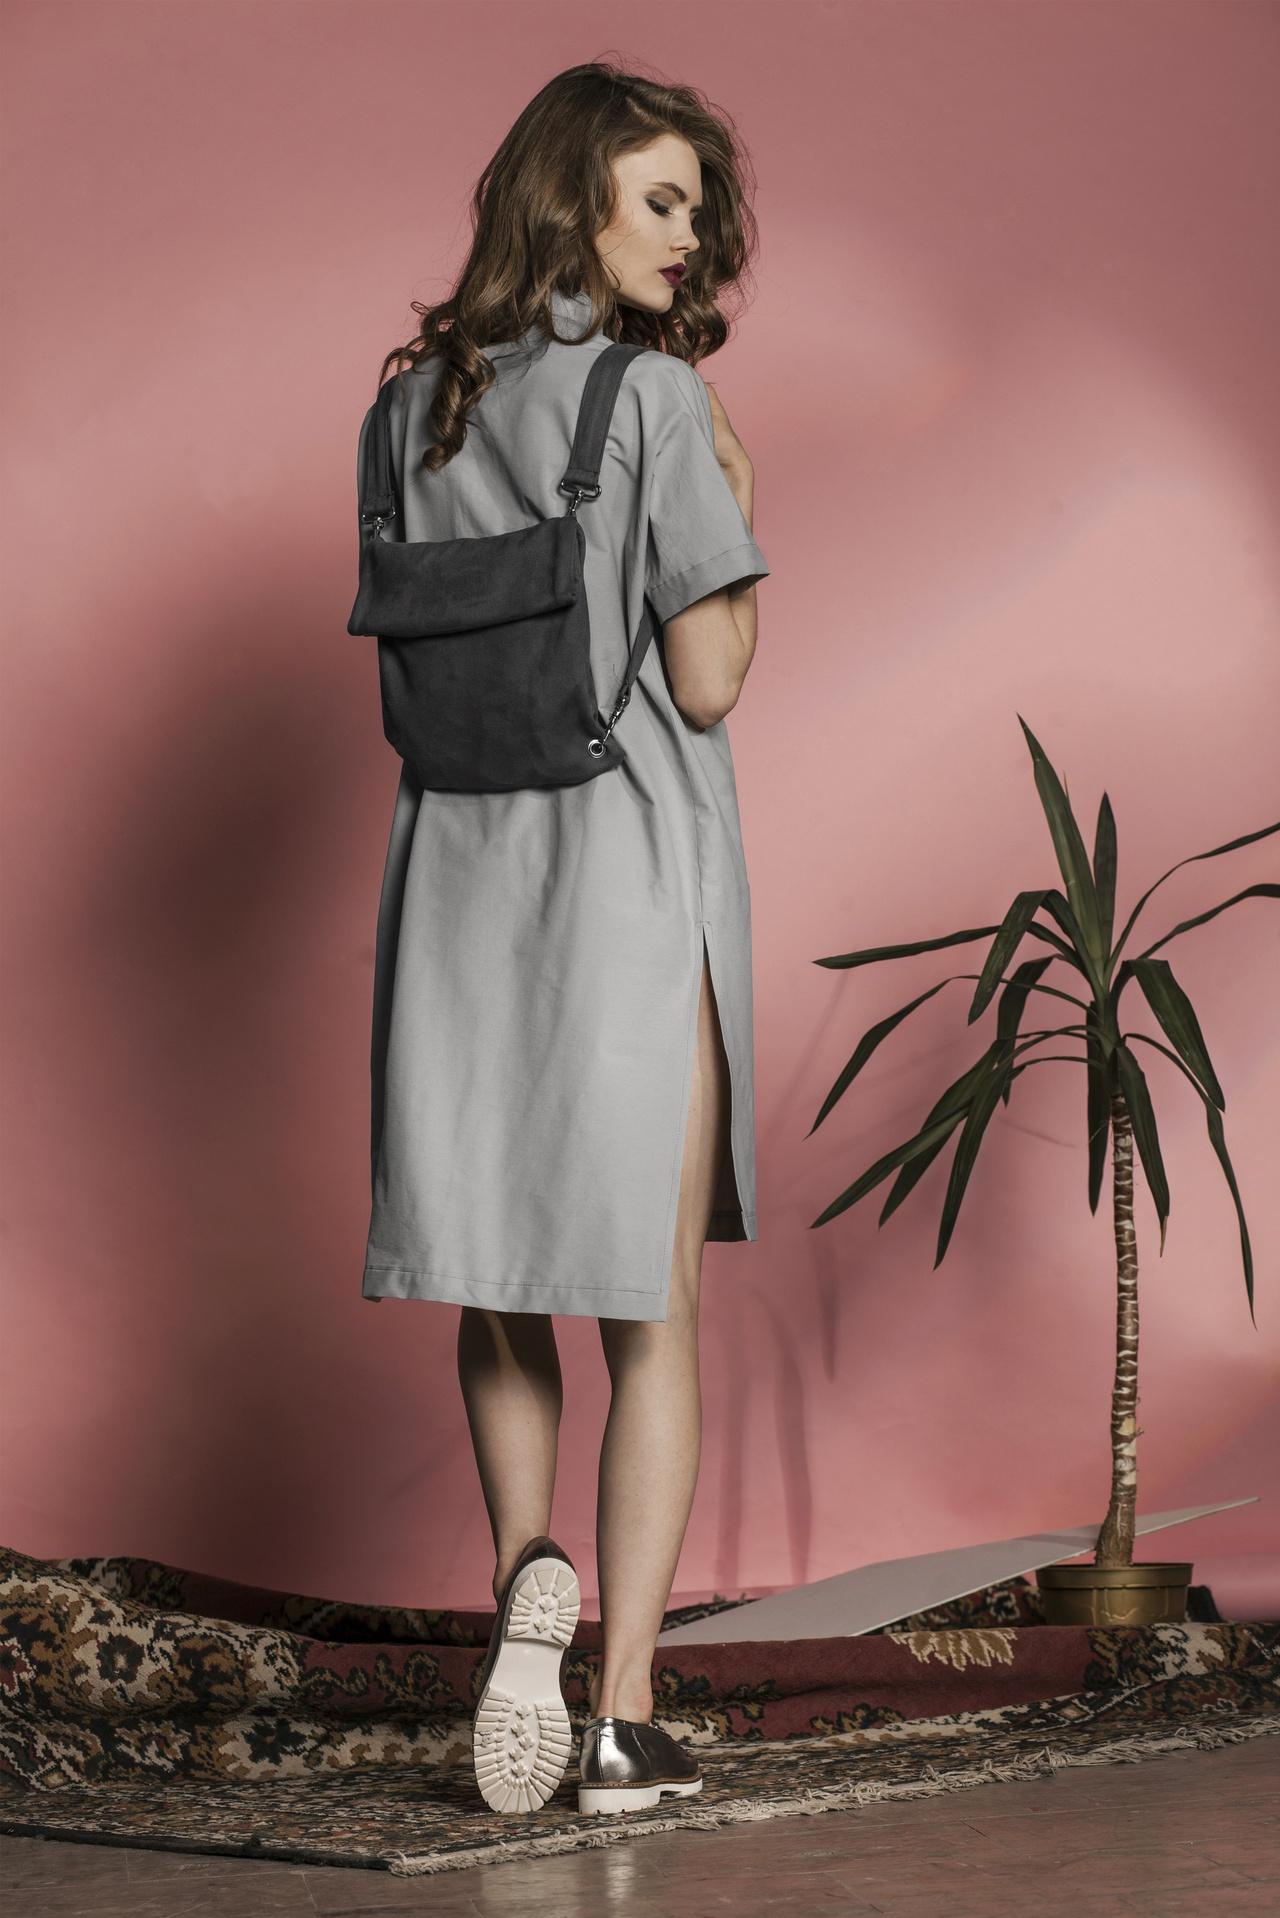 Langes Hemd von Weronika Lipka 01 03